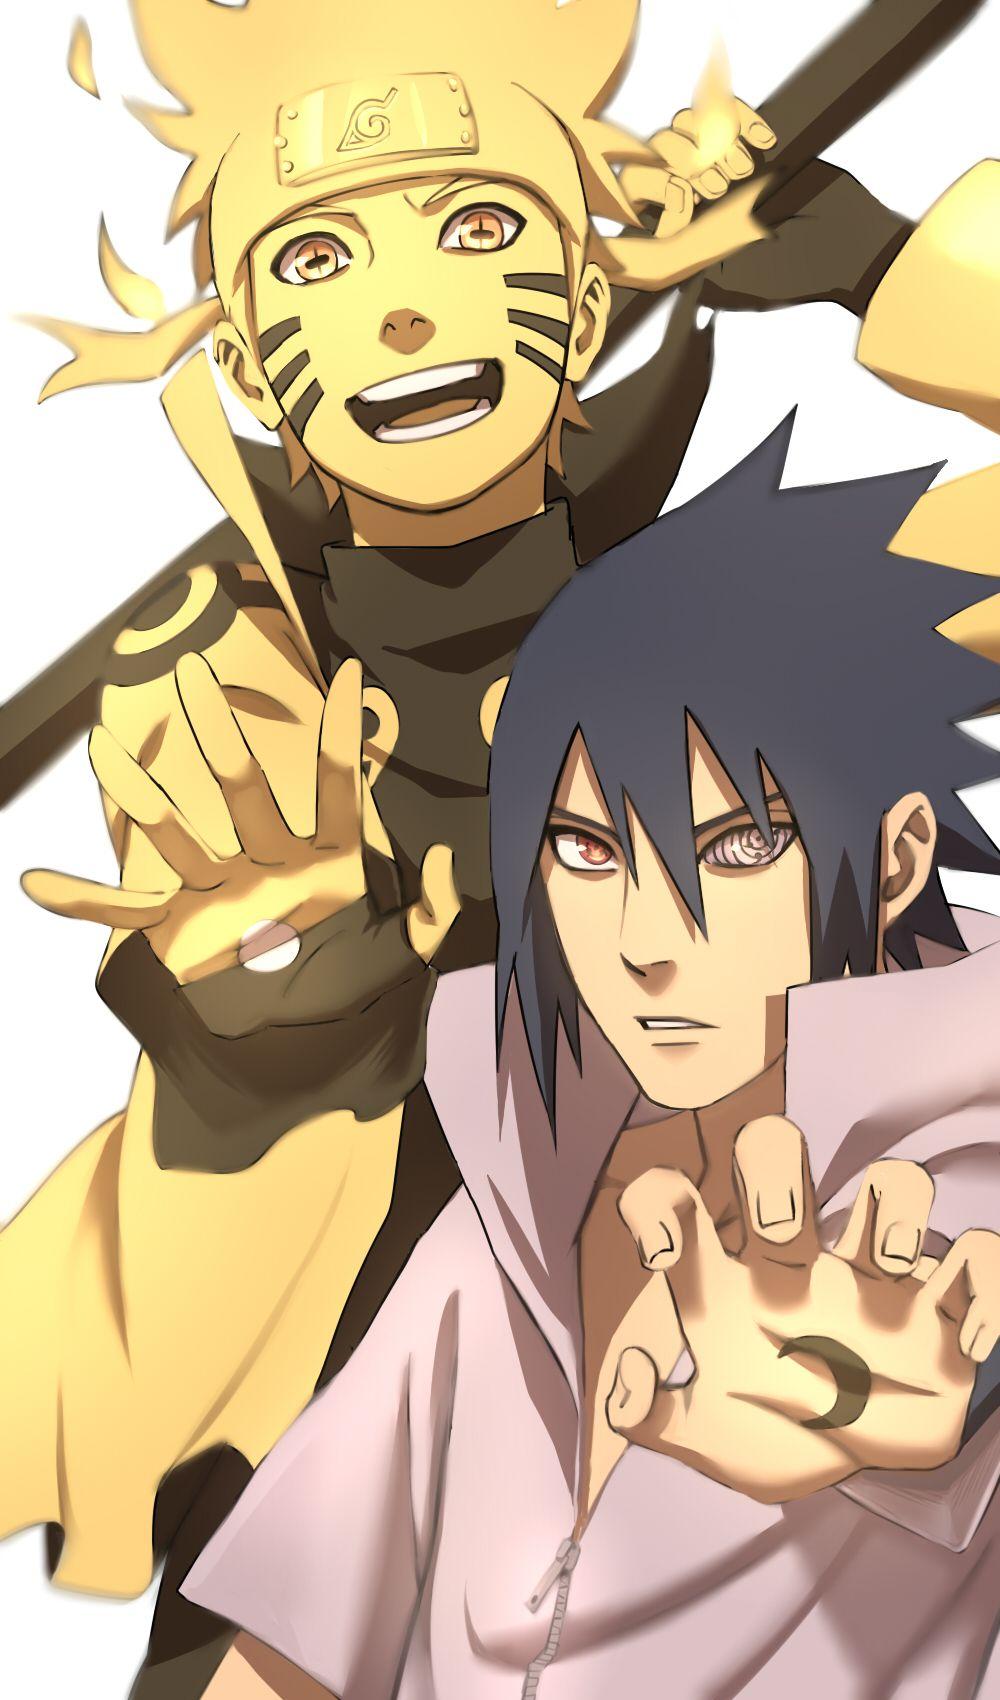 Yin Yang Naruto Shippuden Anime Naruto And Sasuke Anime